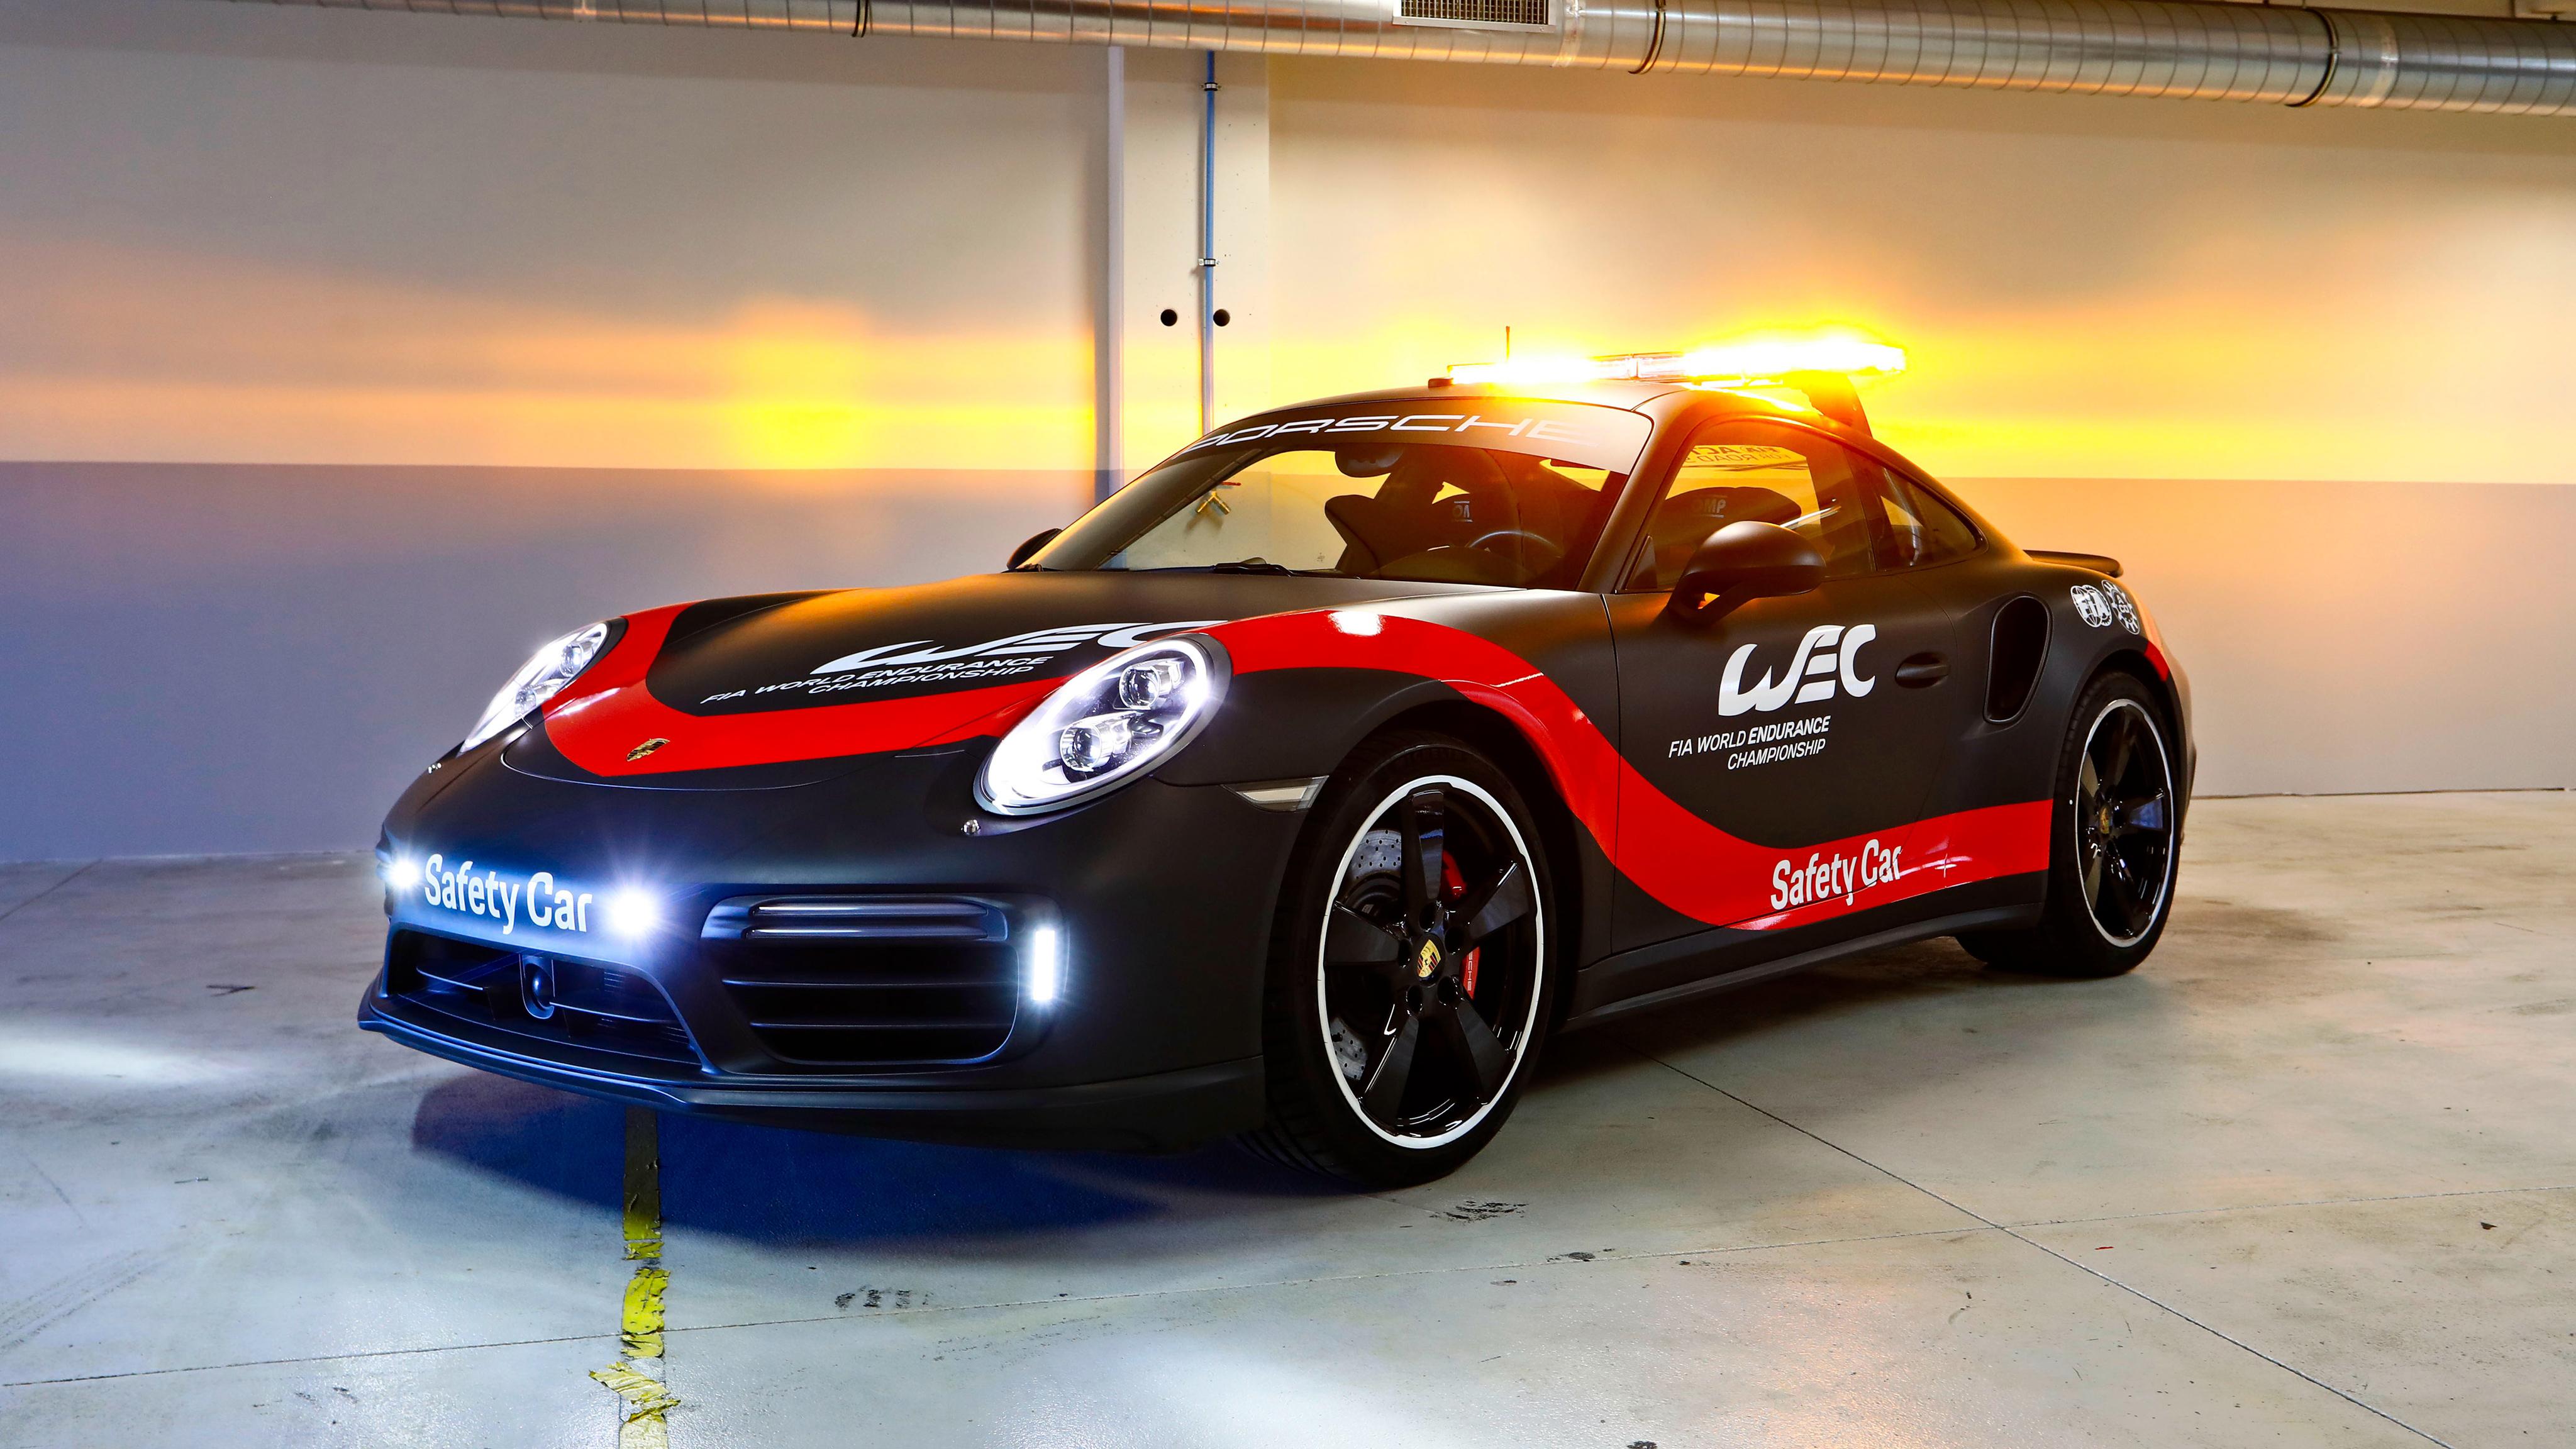 2018 Porsche 911 Turbo WEC Safety Car 4K Wallpaper